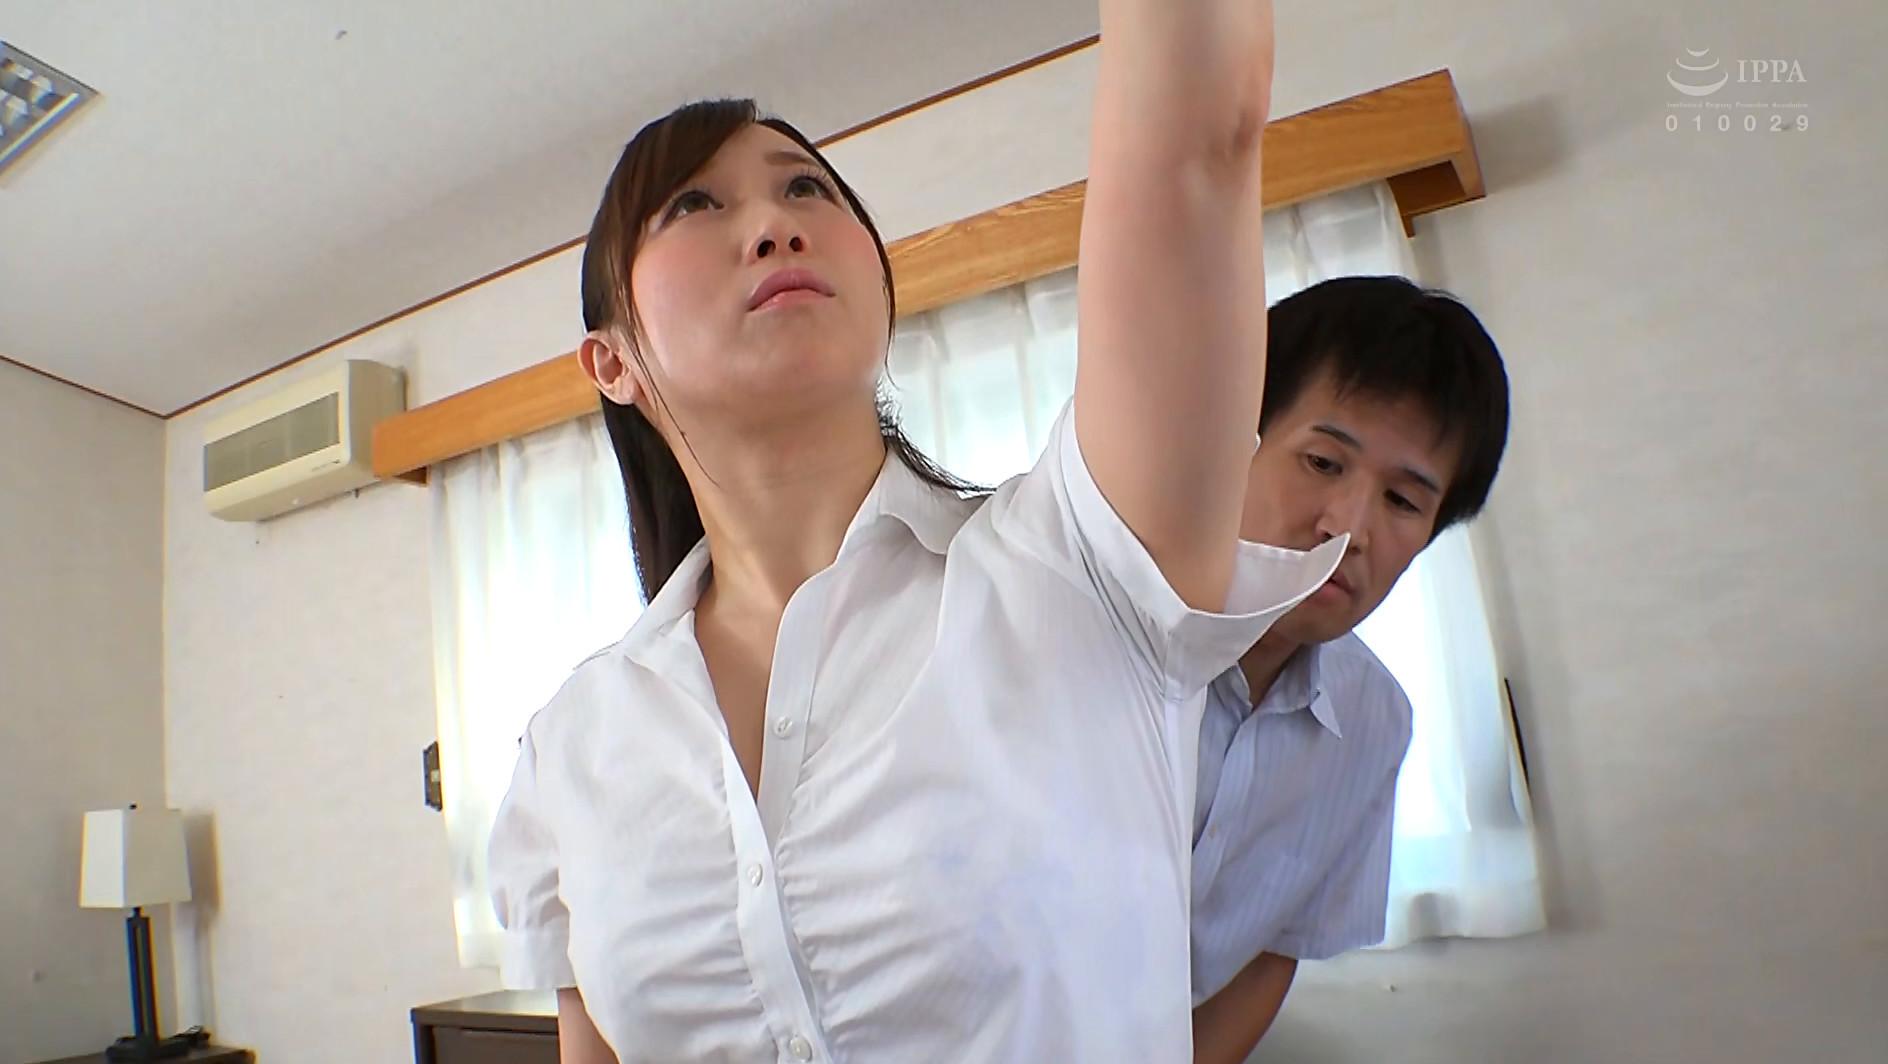 腋が好きな男子、お姉さまのフェイスロック&手コキで昇天する 画像12